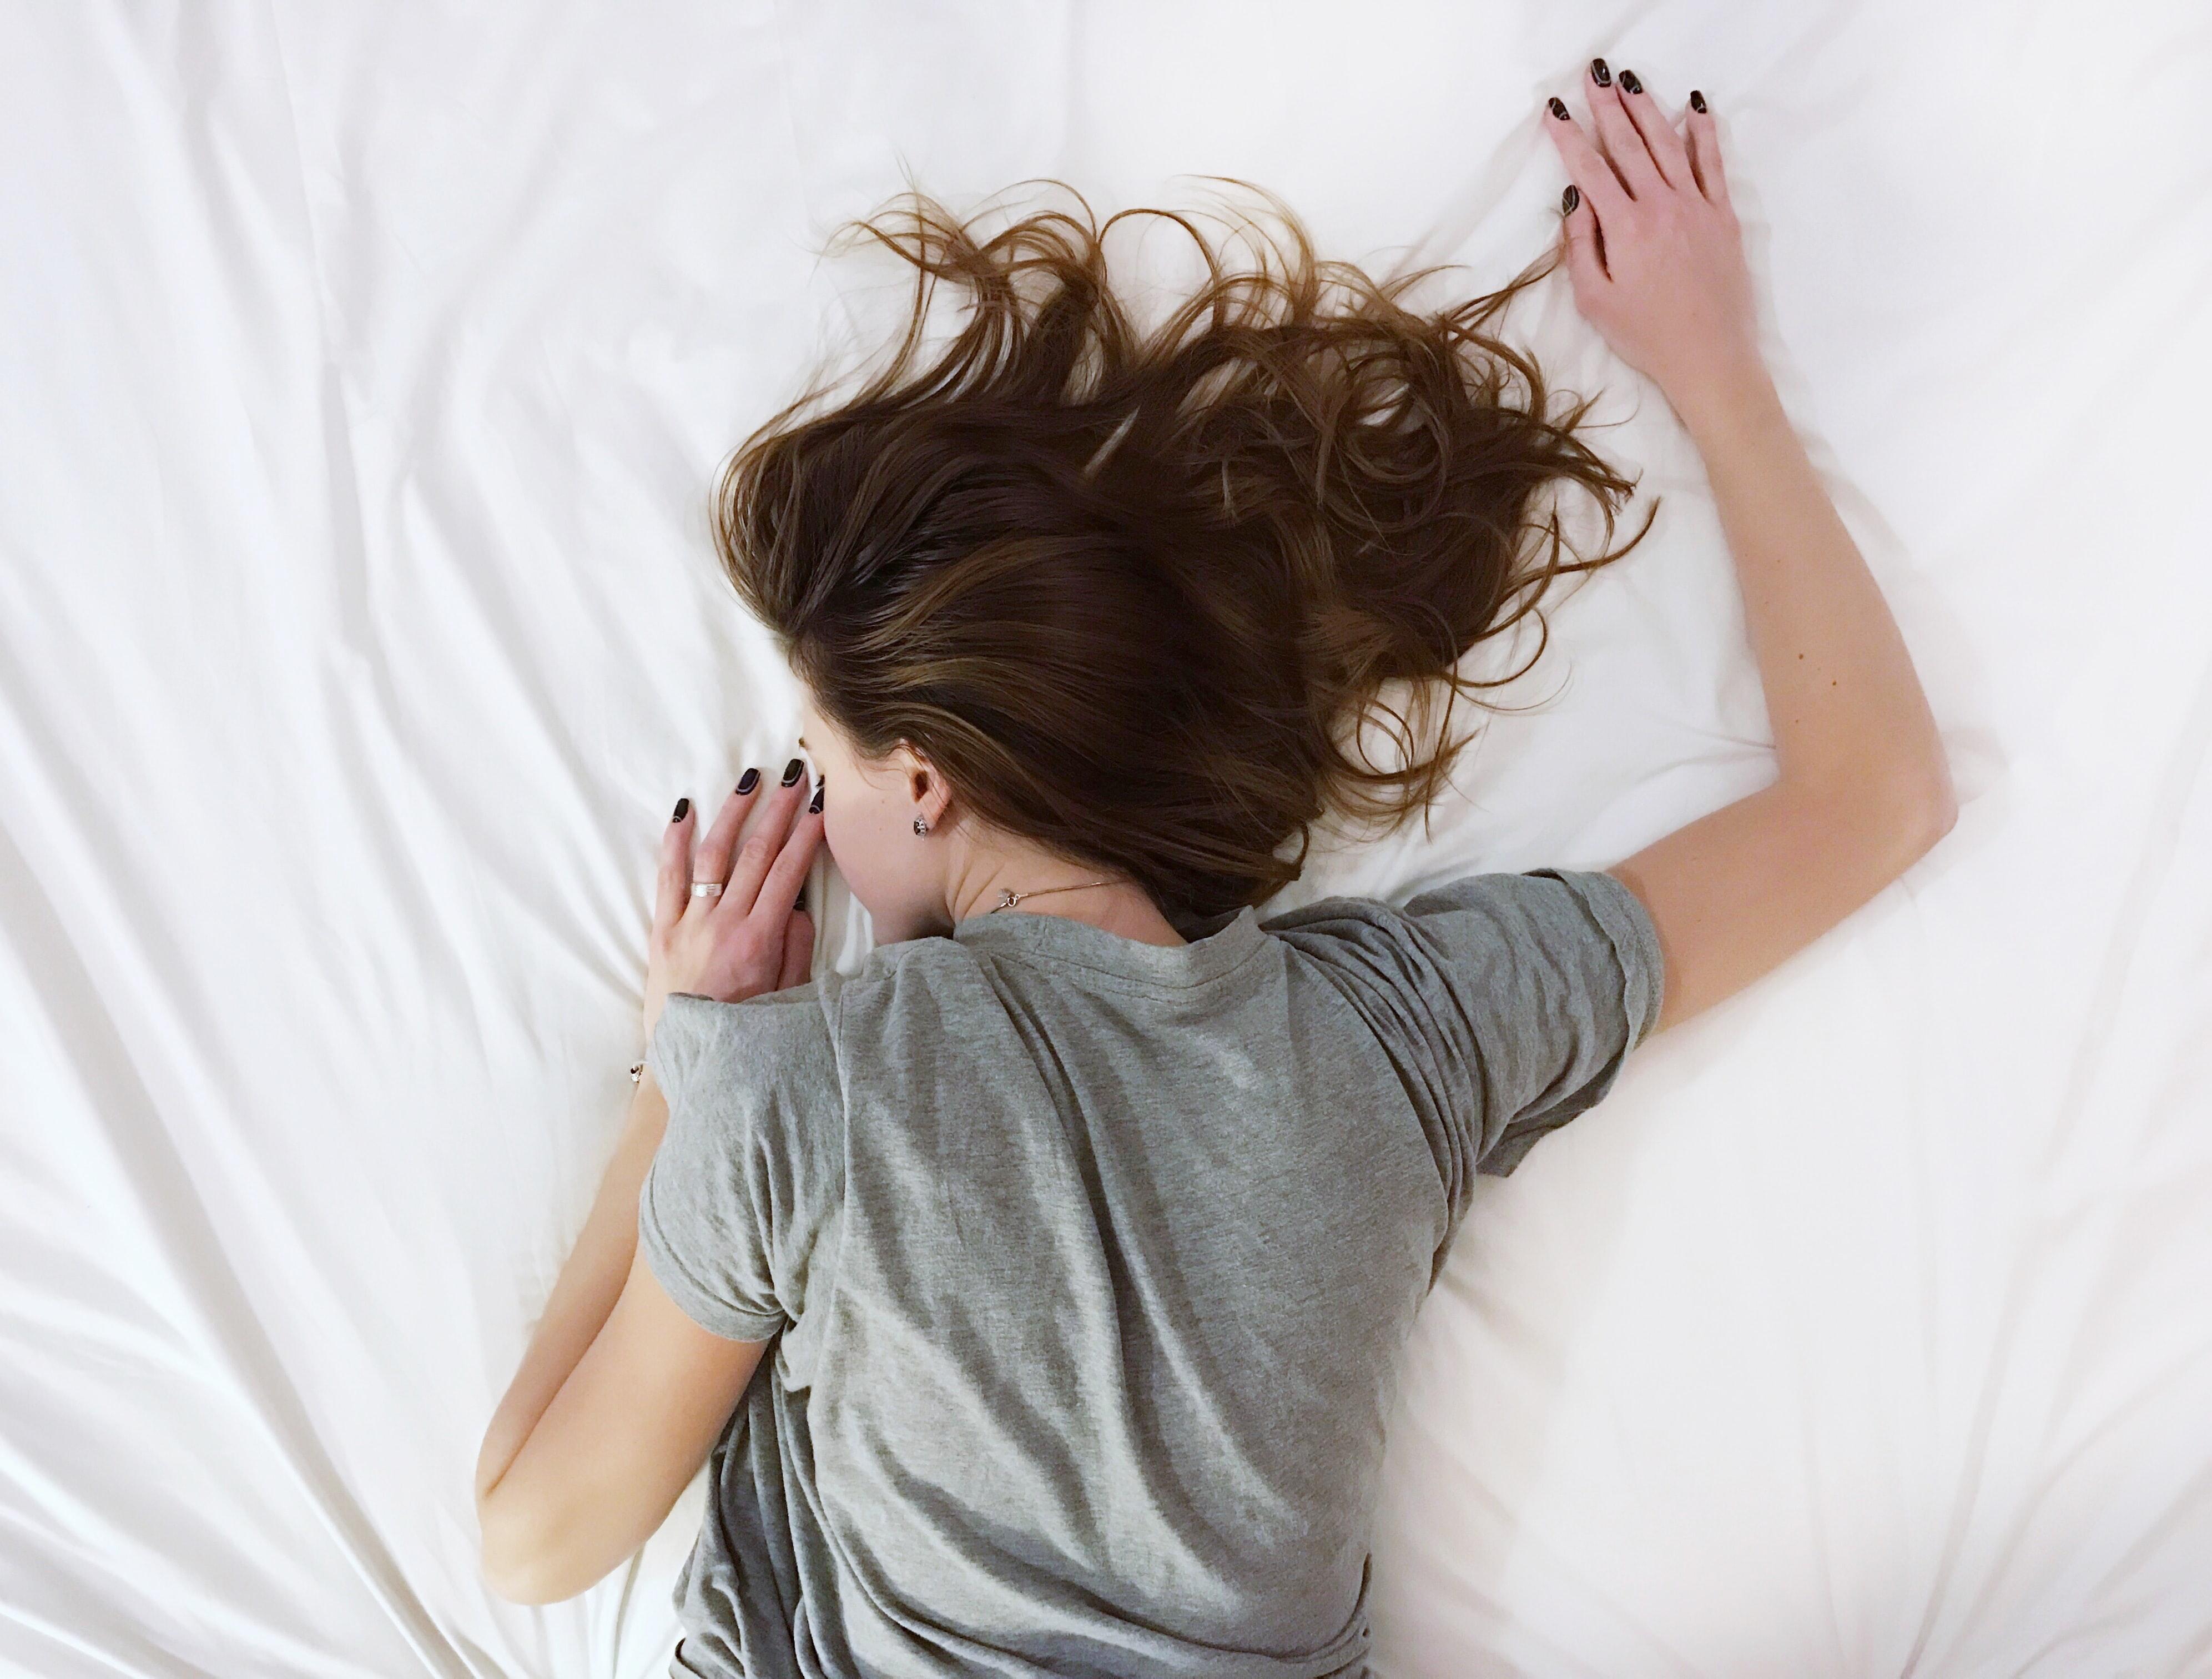 勉強疲れを感じたら、「何もしない日」を作るだけで良い 【 仮眠効果 】